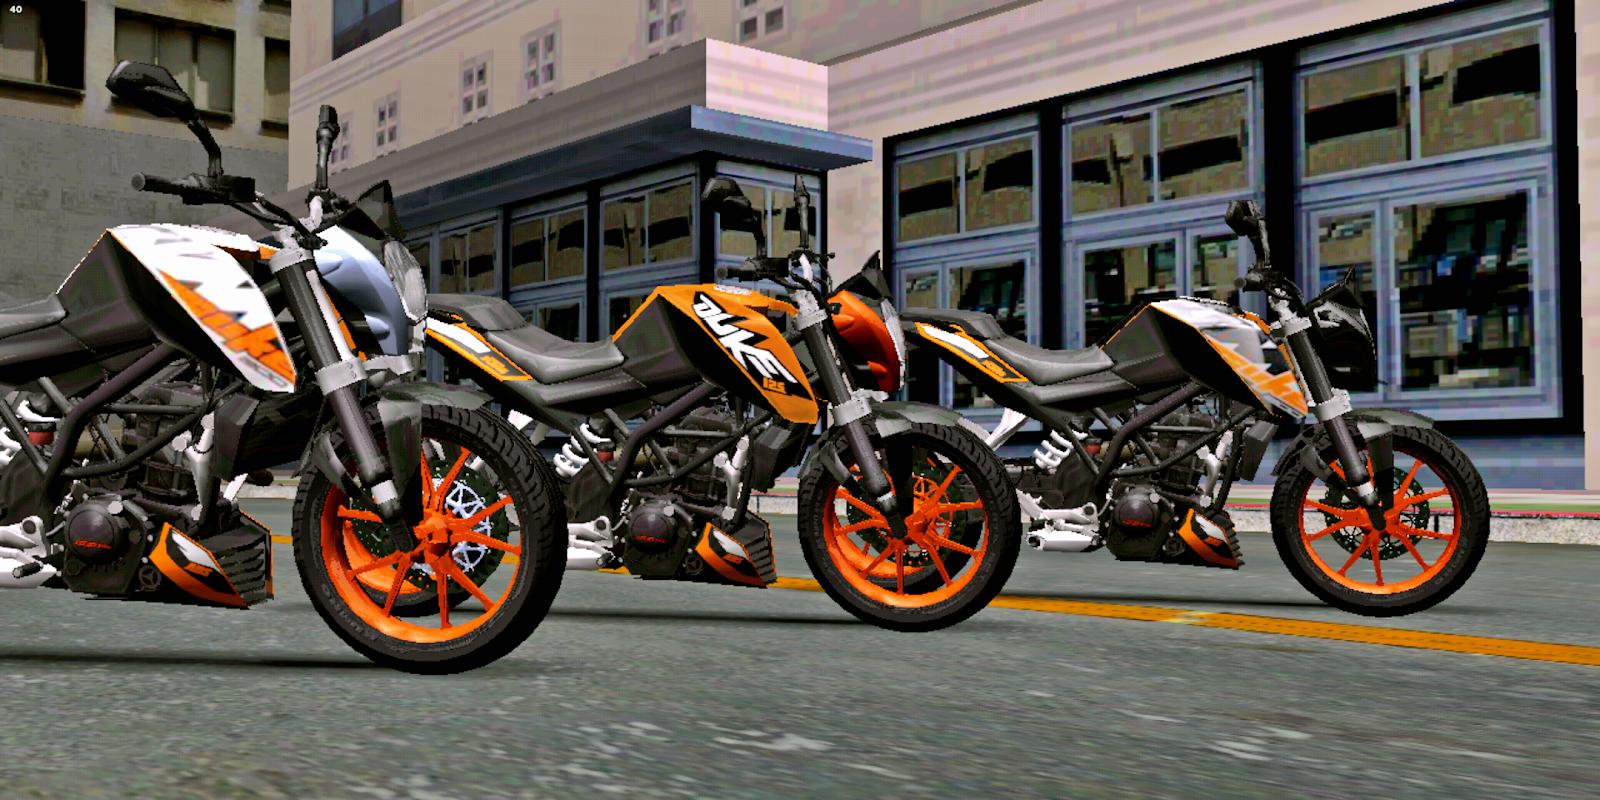 Ktm duke 390 bike images download